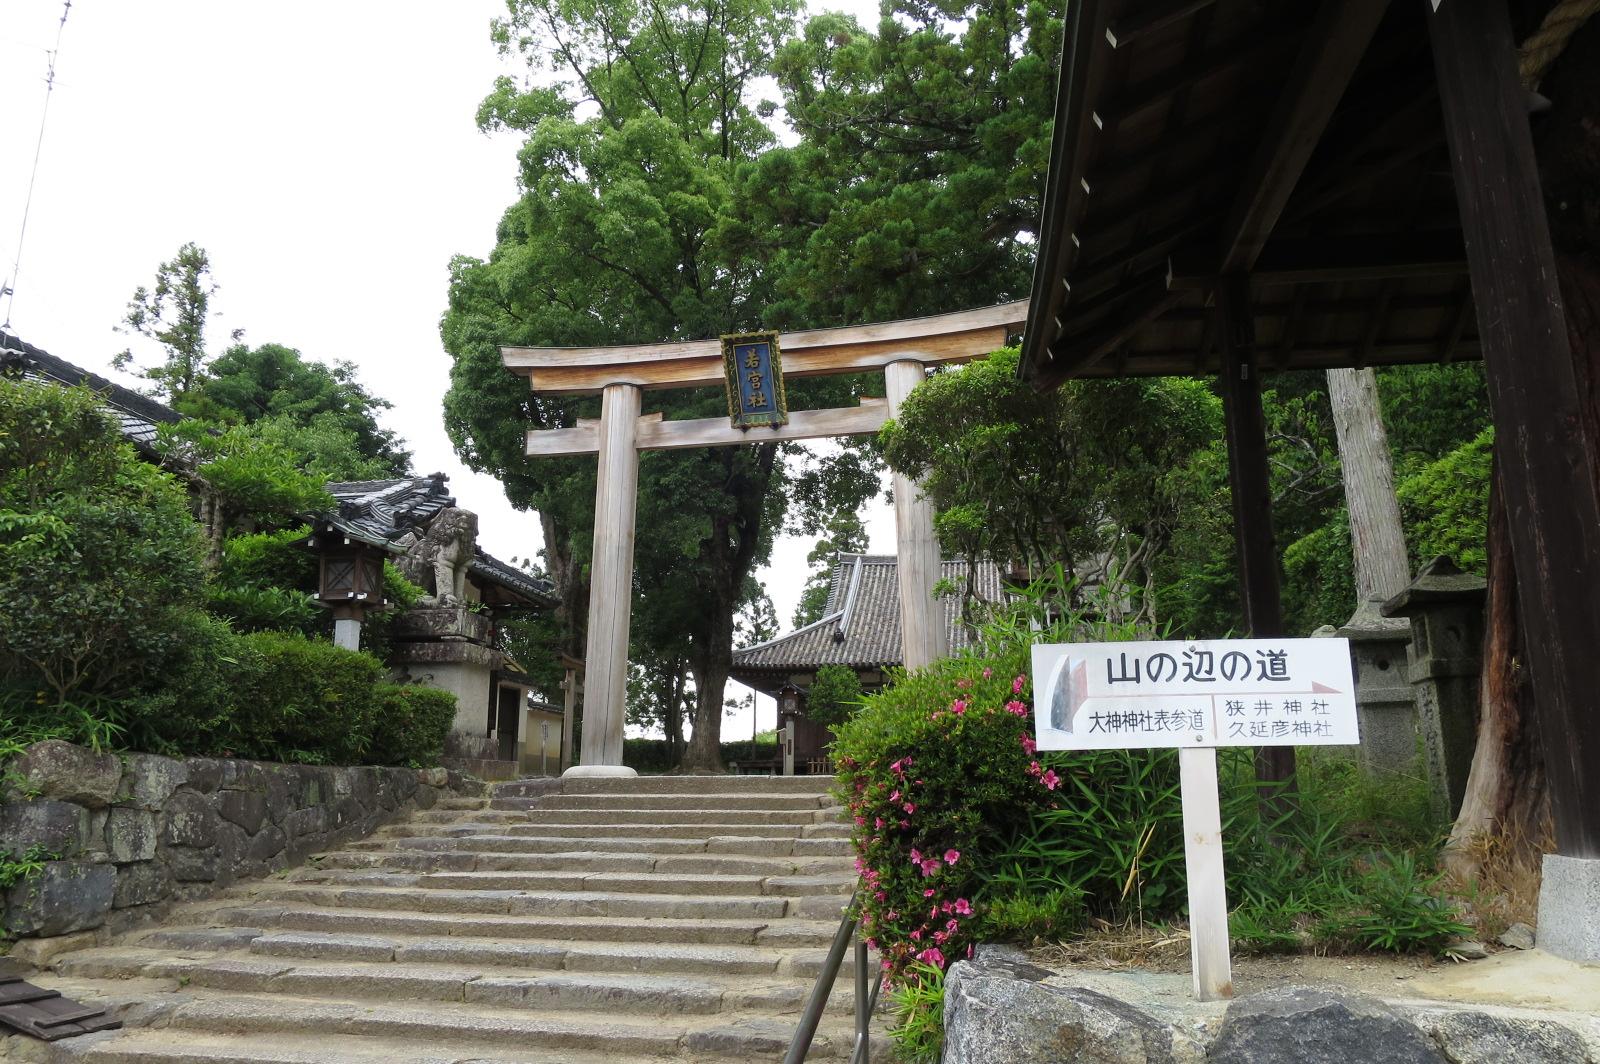 若宮社(わかみやしゃ)。大御輪寺の旧境内で本堂だけが残る。神仏分離令で神社に姿を変えました。